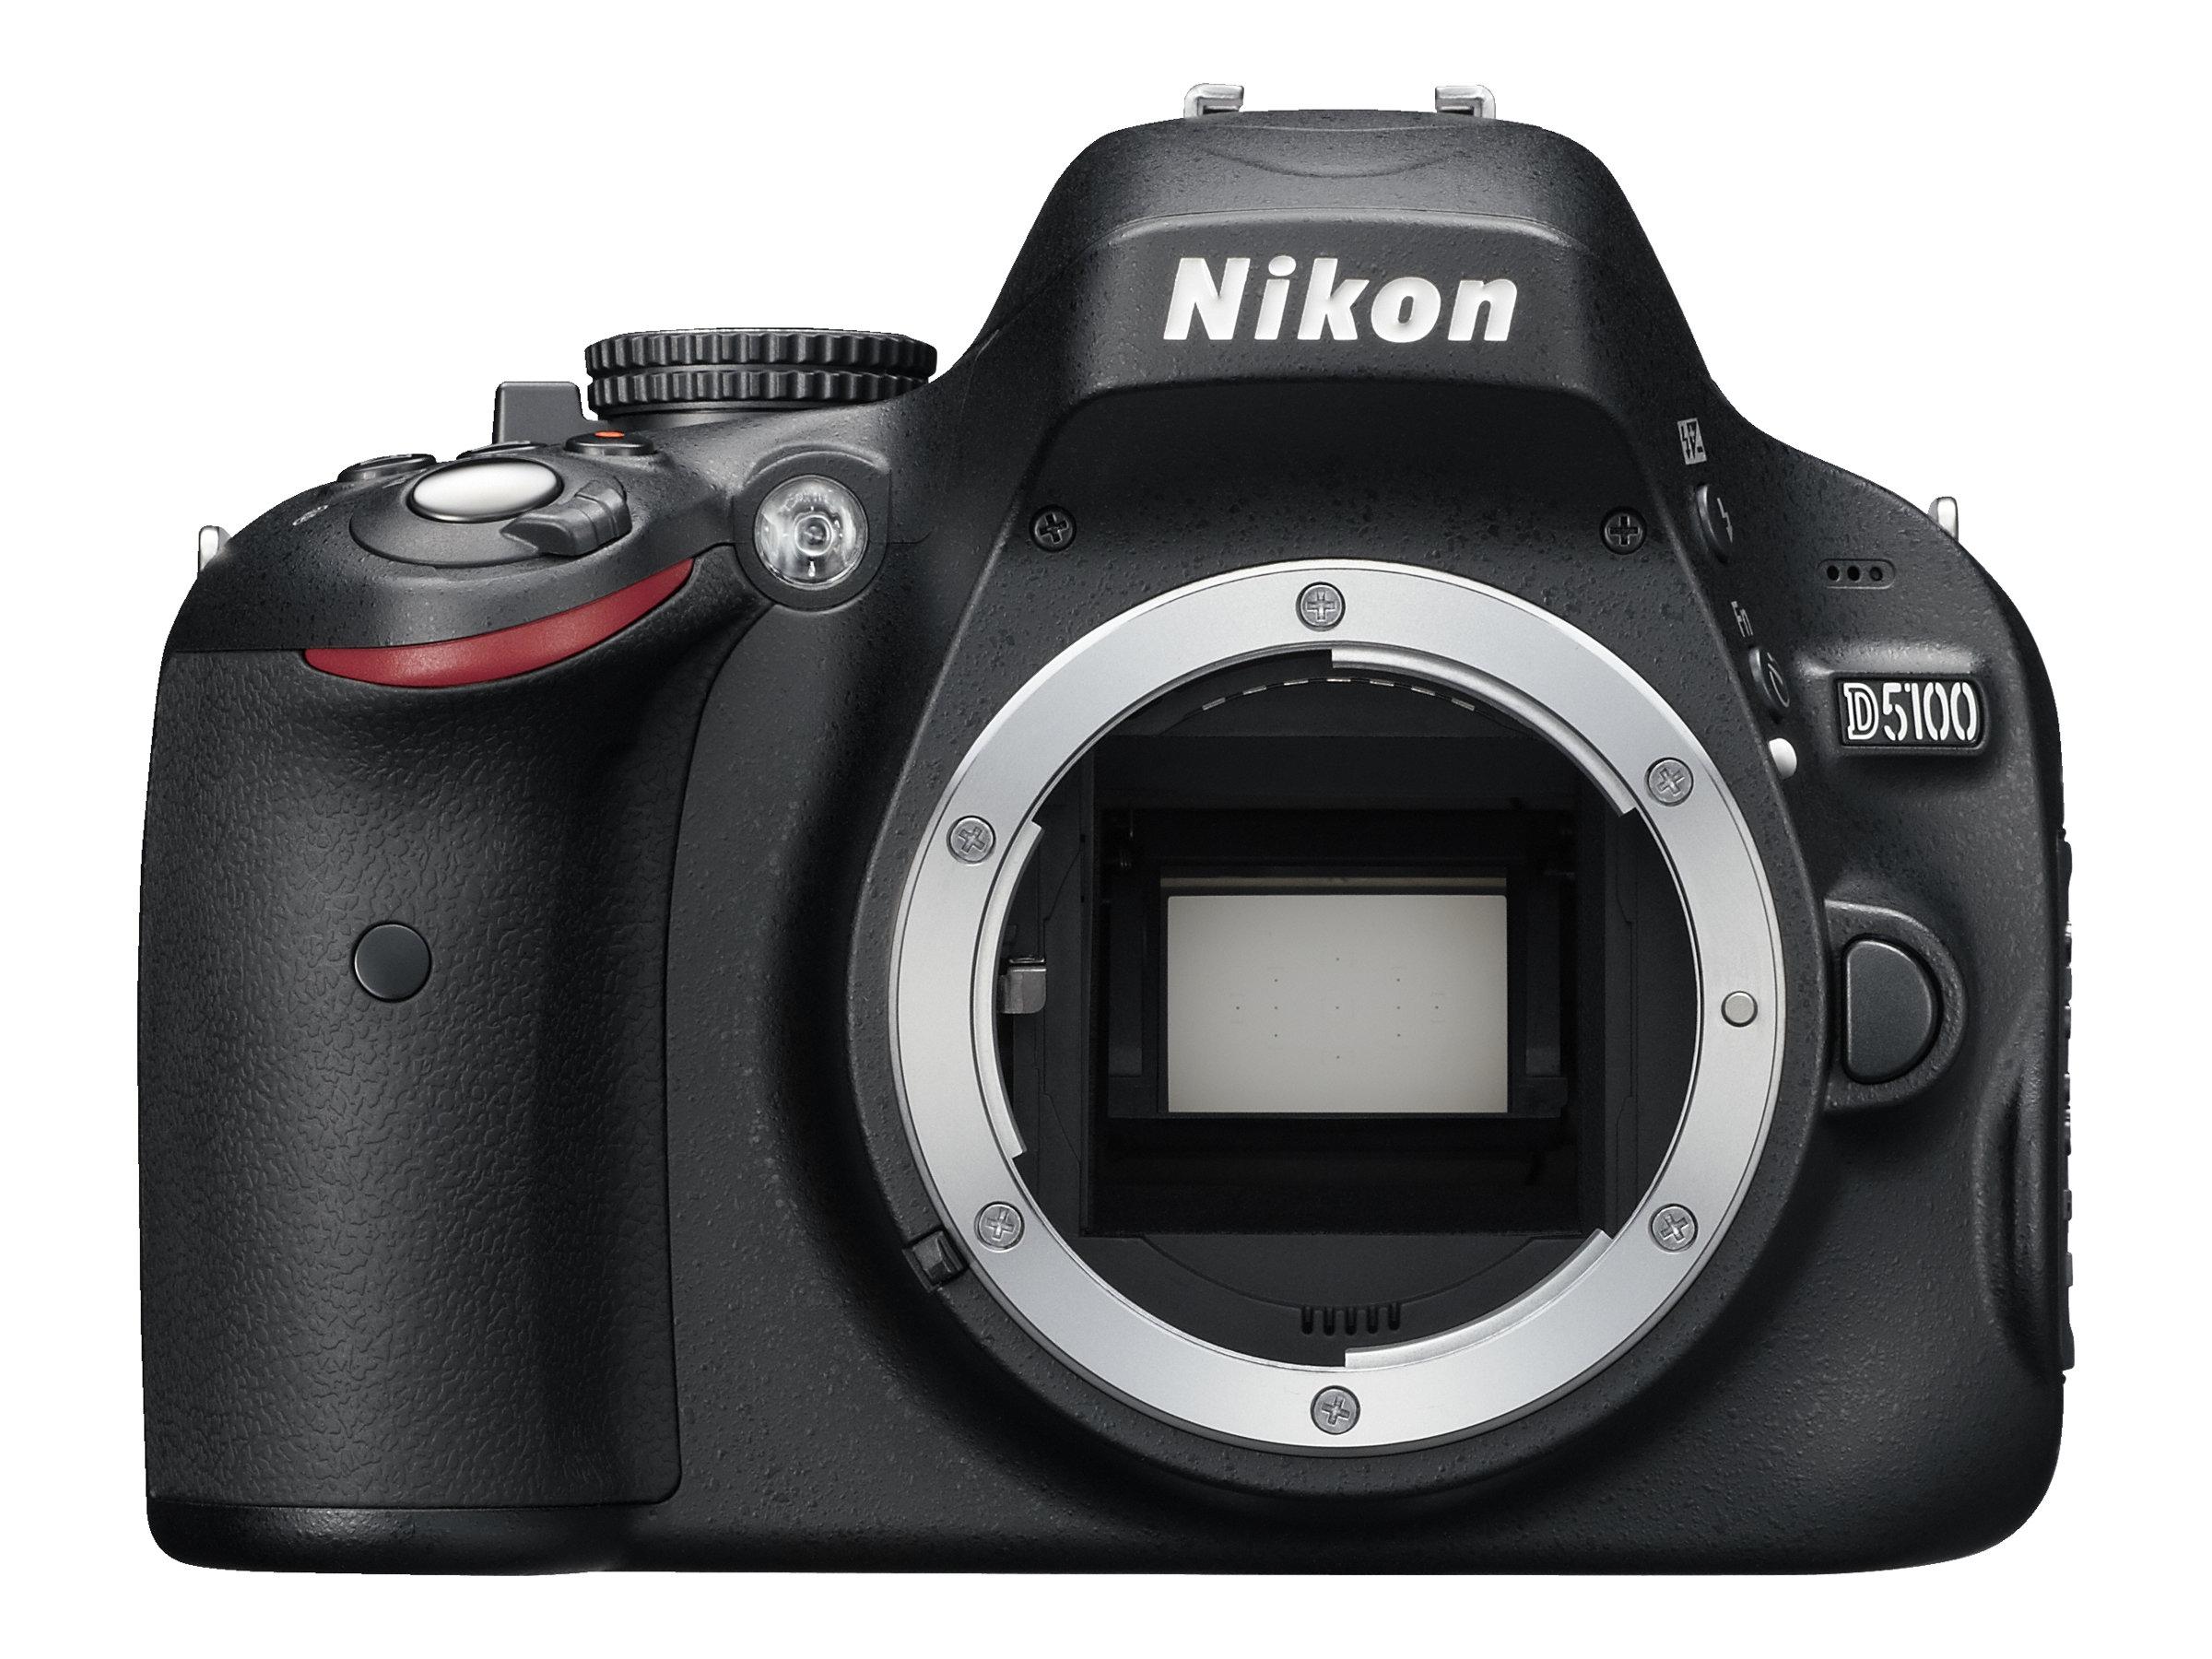 Nikon 16.2-Megapixel D5100 Digital SLR Camera with 18-55mm Lens